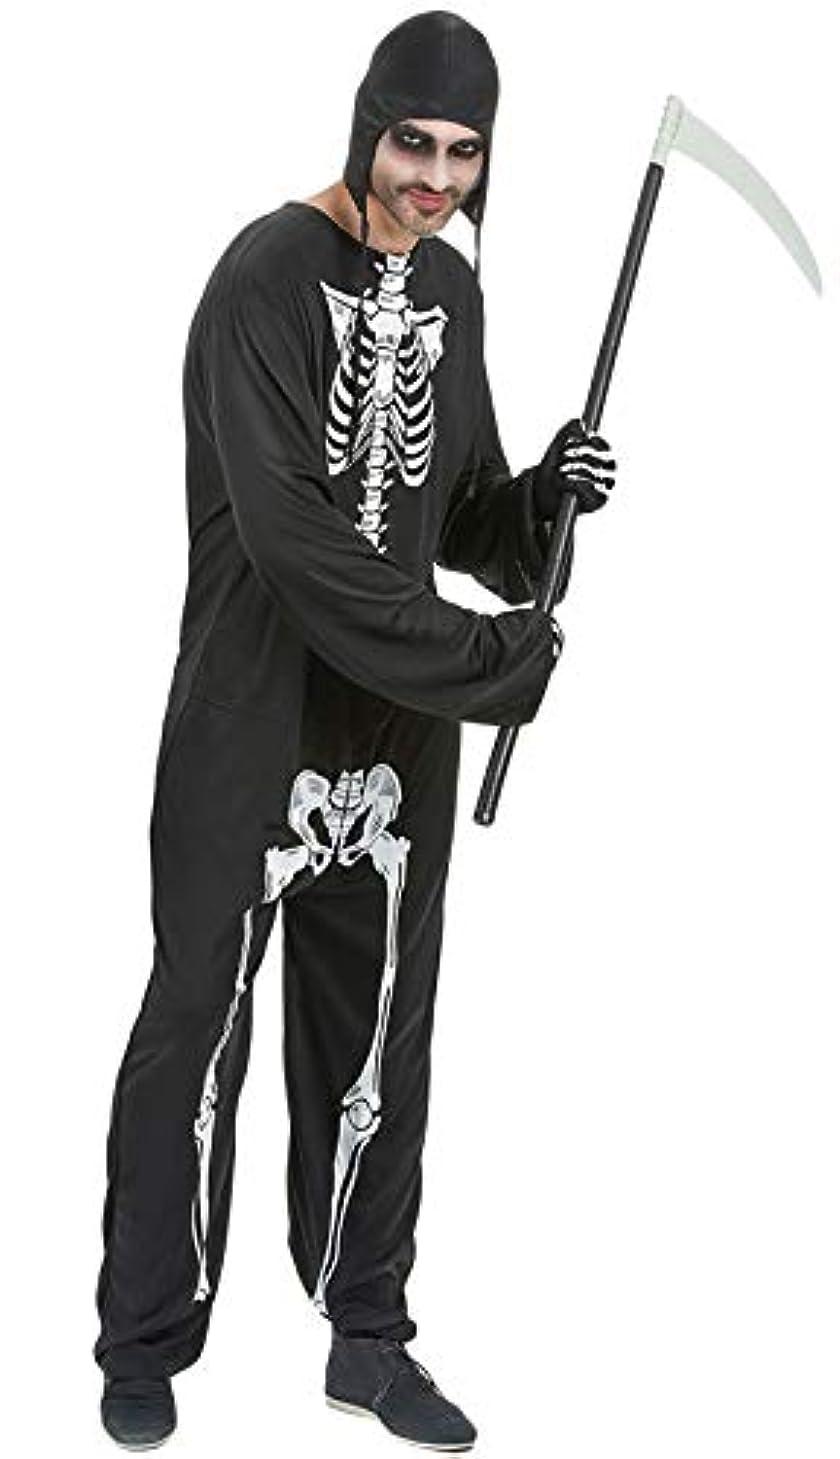 批判的逆挨拶する[Y-BOA] ハロウィン 仮装 メンズ 大人 スケルトン 死神 コスプレ コスチューム 衣装 男性用 骸骨 お化け 肝試し 恐怖 余興 学園祭 文化祭 パーティー XL